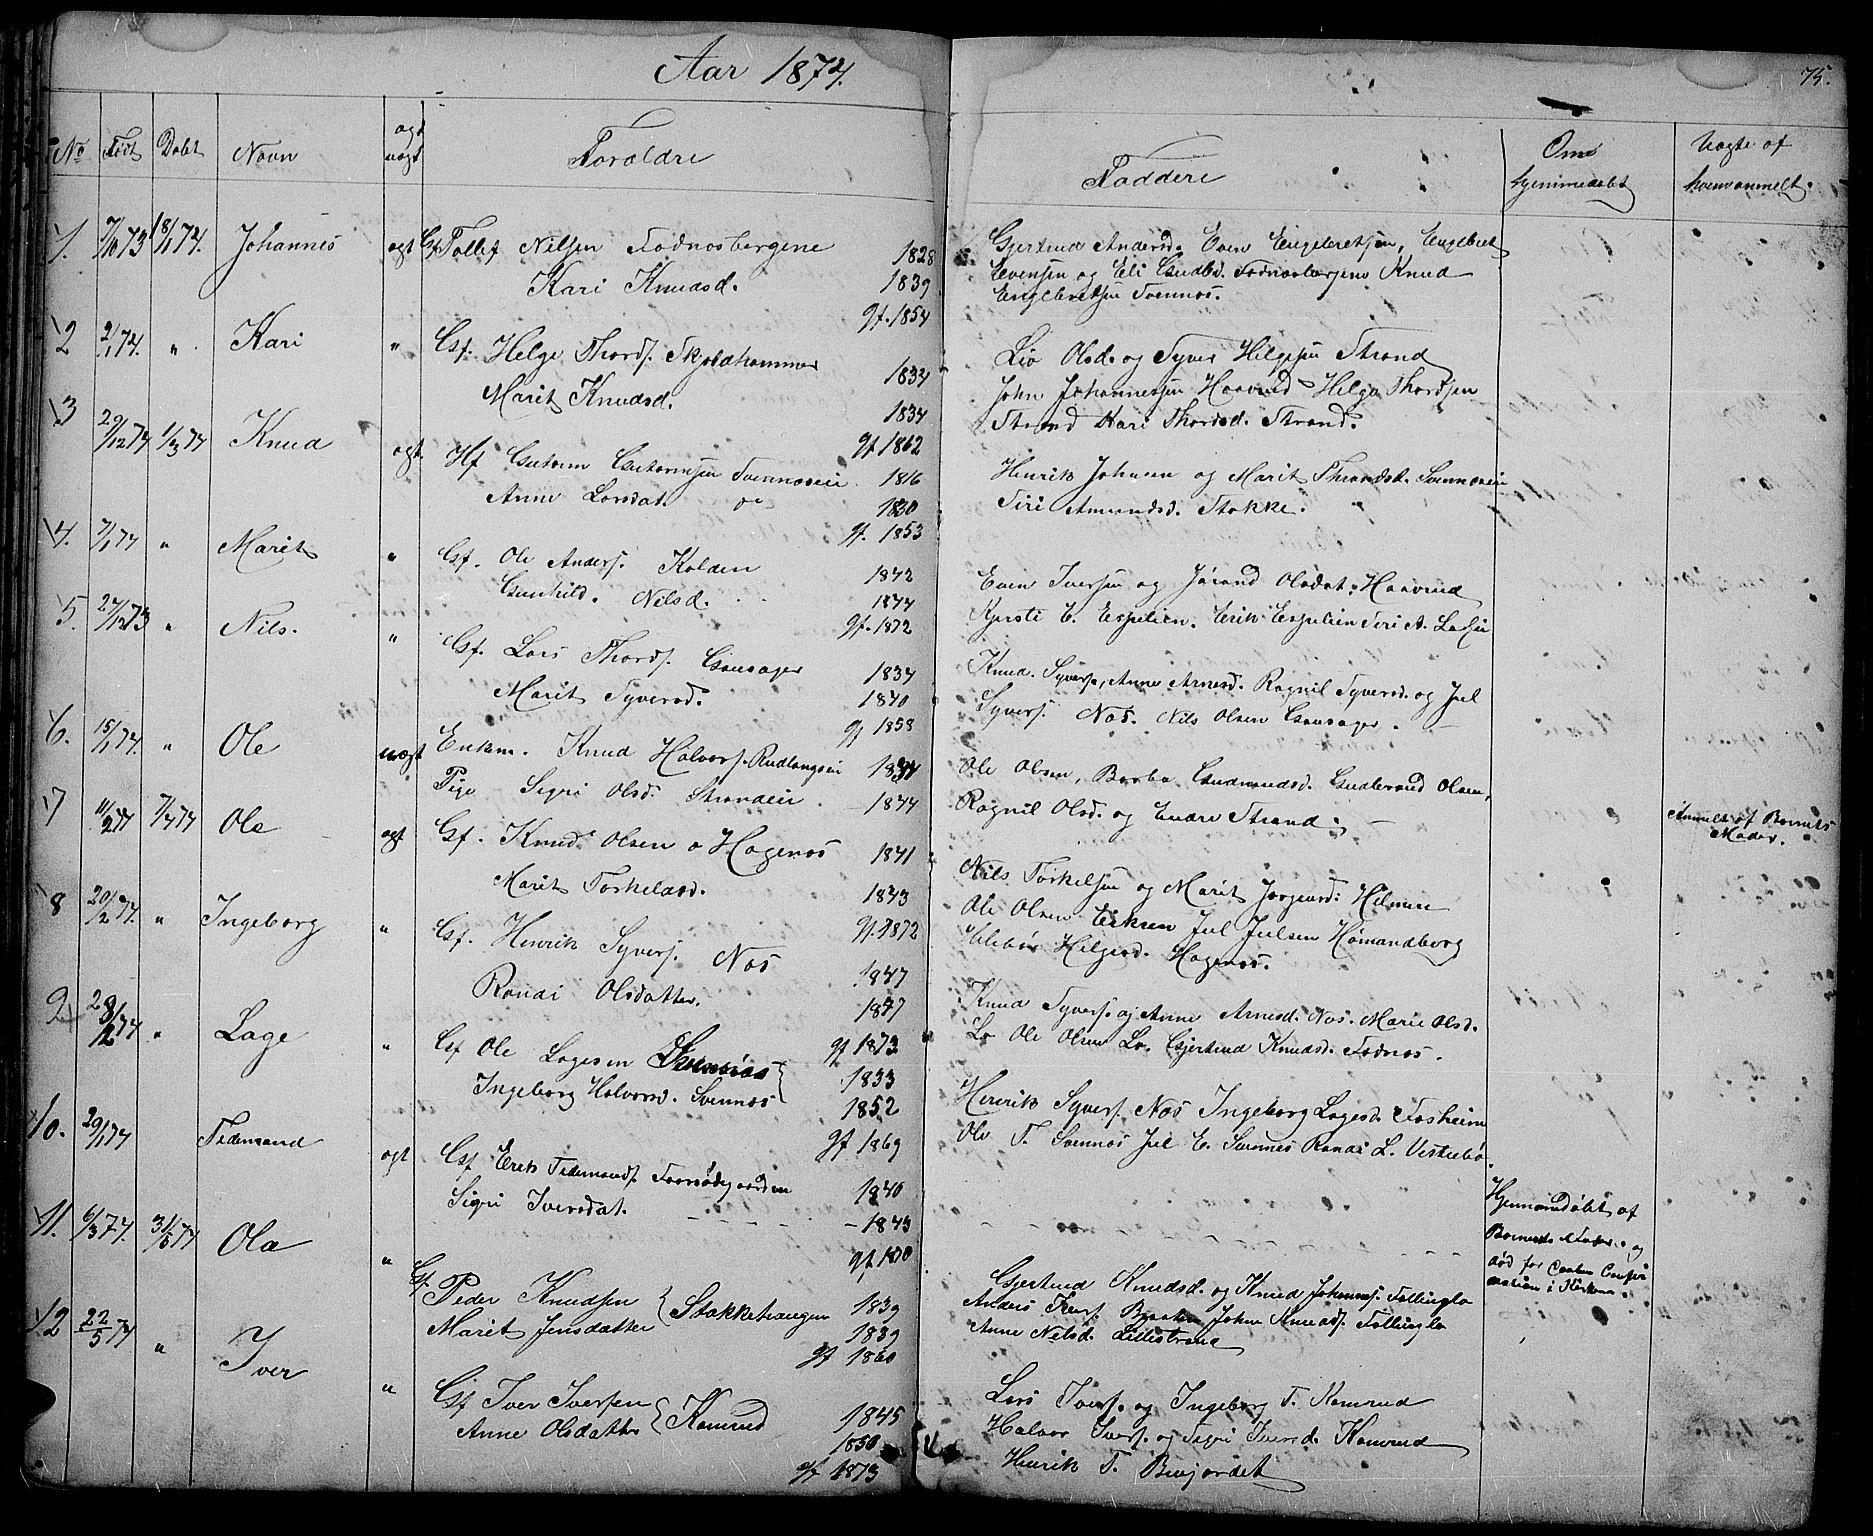 SAH, Nord-Aurdal prestekontor, Klokkerbok nr. 3, 1842-1882, s. 75